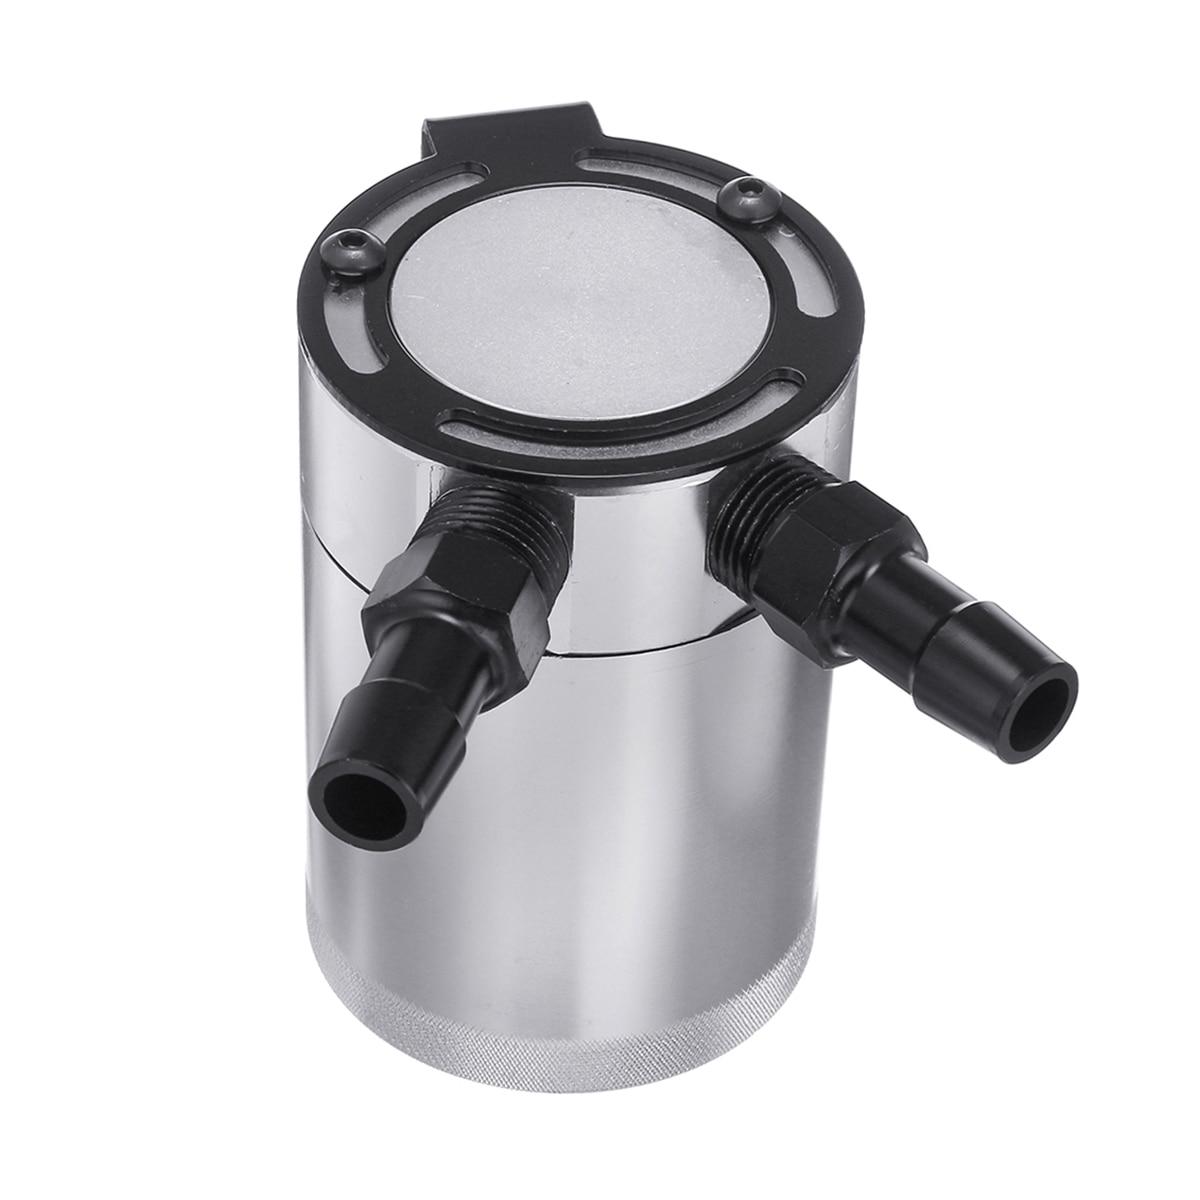 Araba Kompakt Şaşkın 2-Port Alüminyum Yağ Yakalama Can Rezervuar Tankı Yağ Yakalamak Can Yakıt Tankı Parçaları Iki delik nefes Su Isıtıcısı